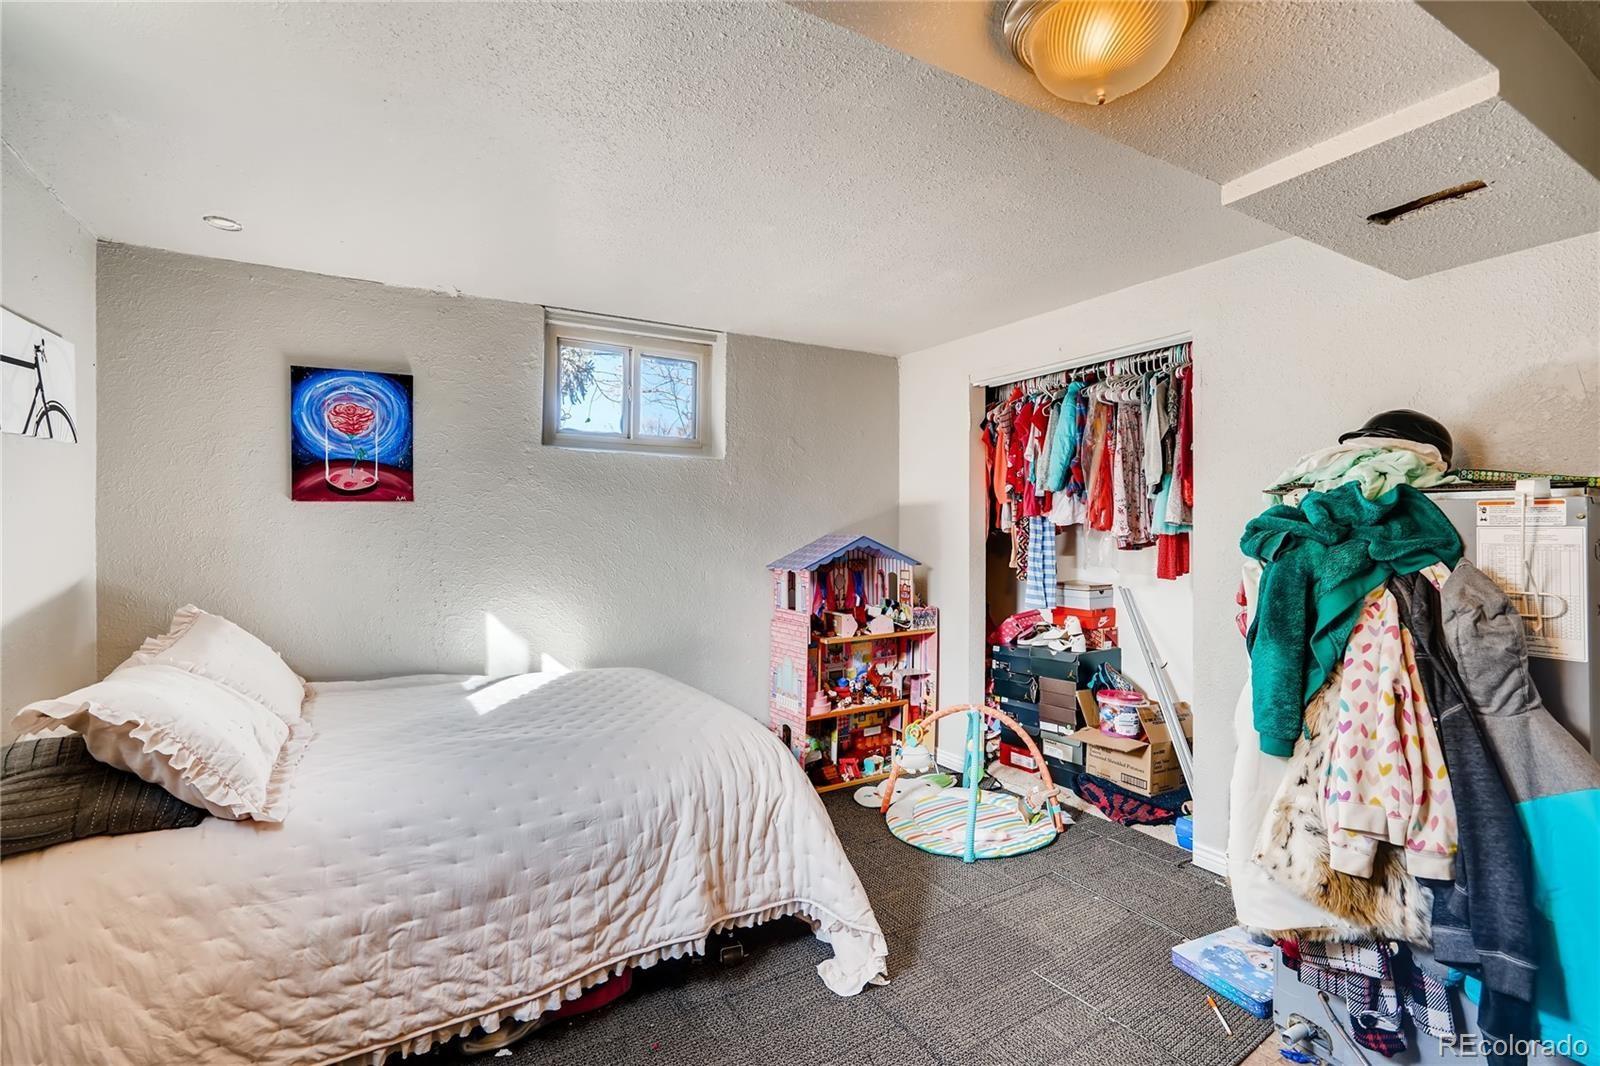 MLS# 9503766 - 23 - 2779 S Patton Court, Denver, CO 80236